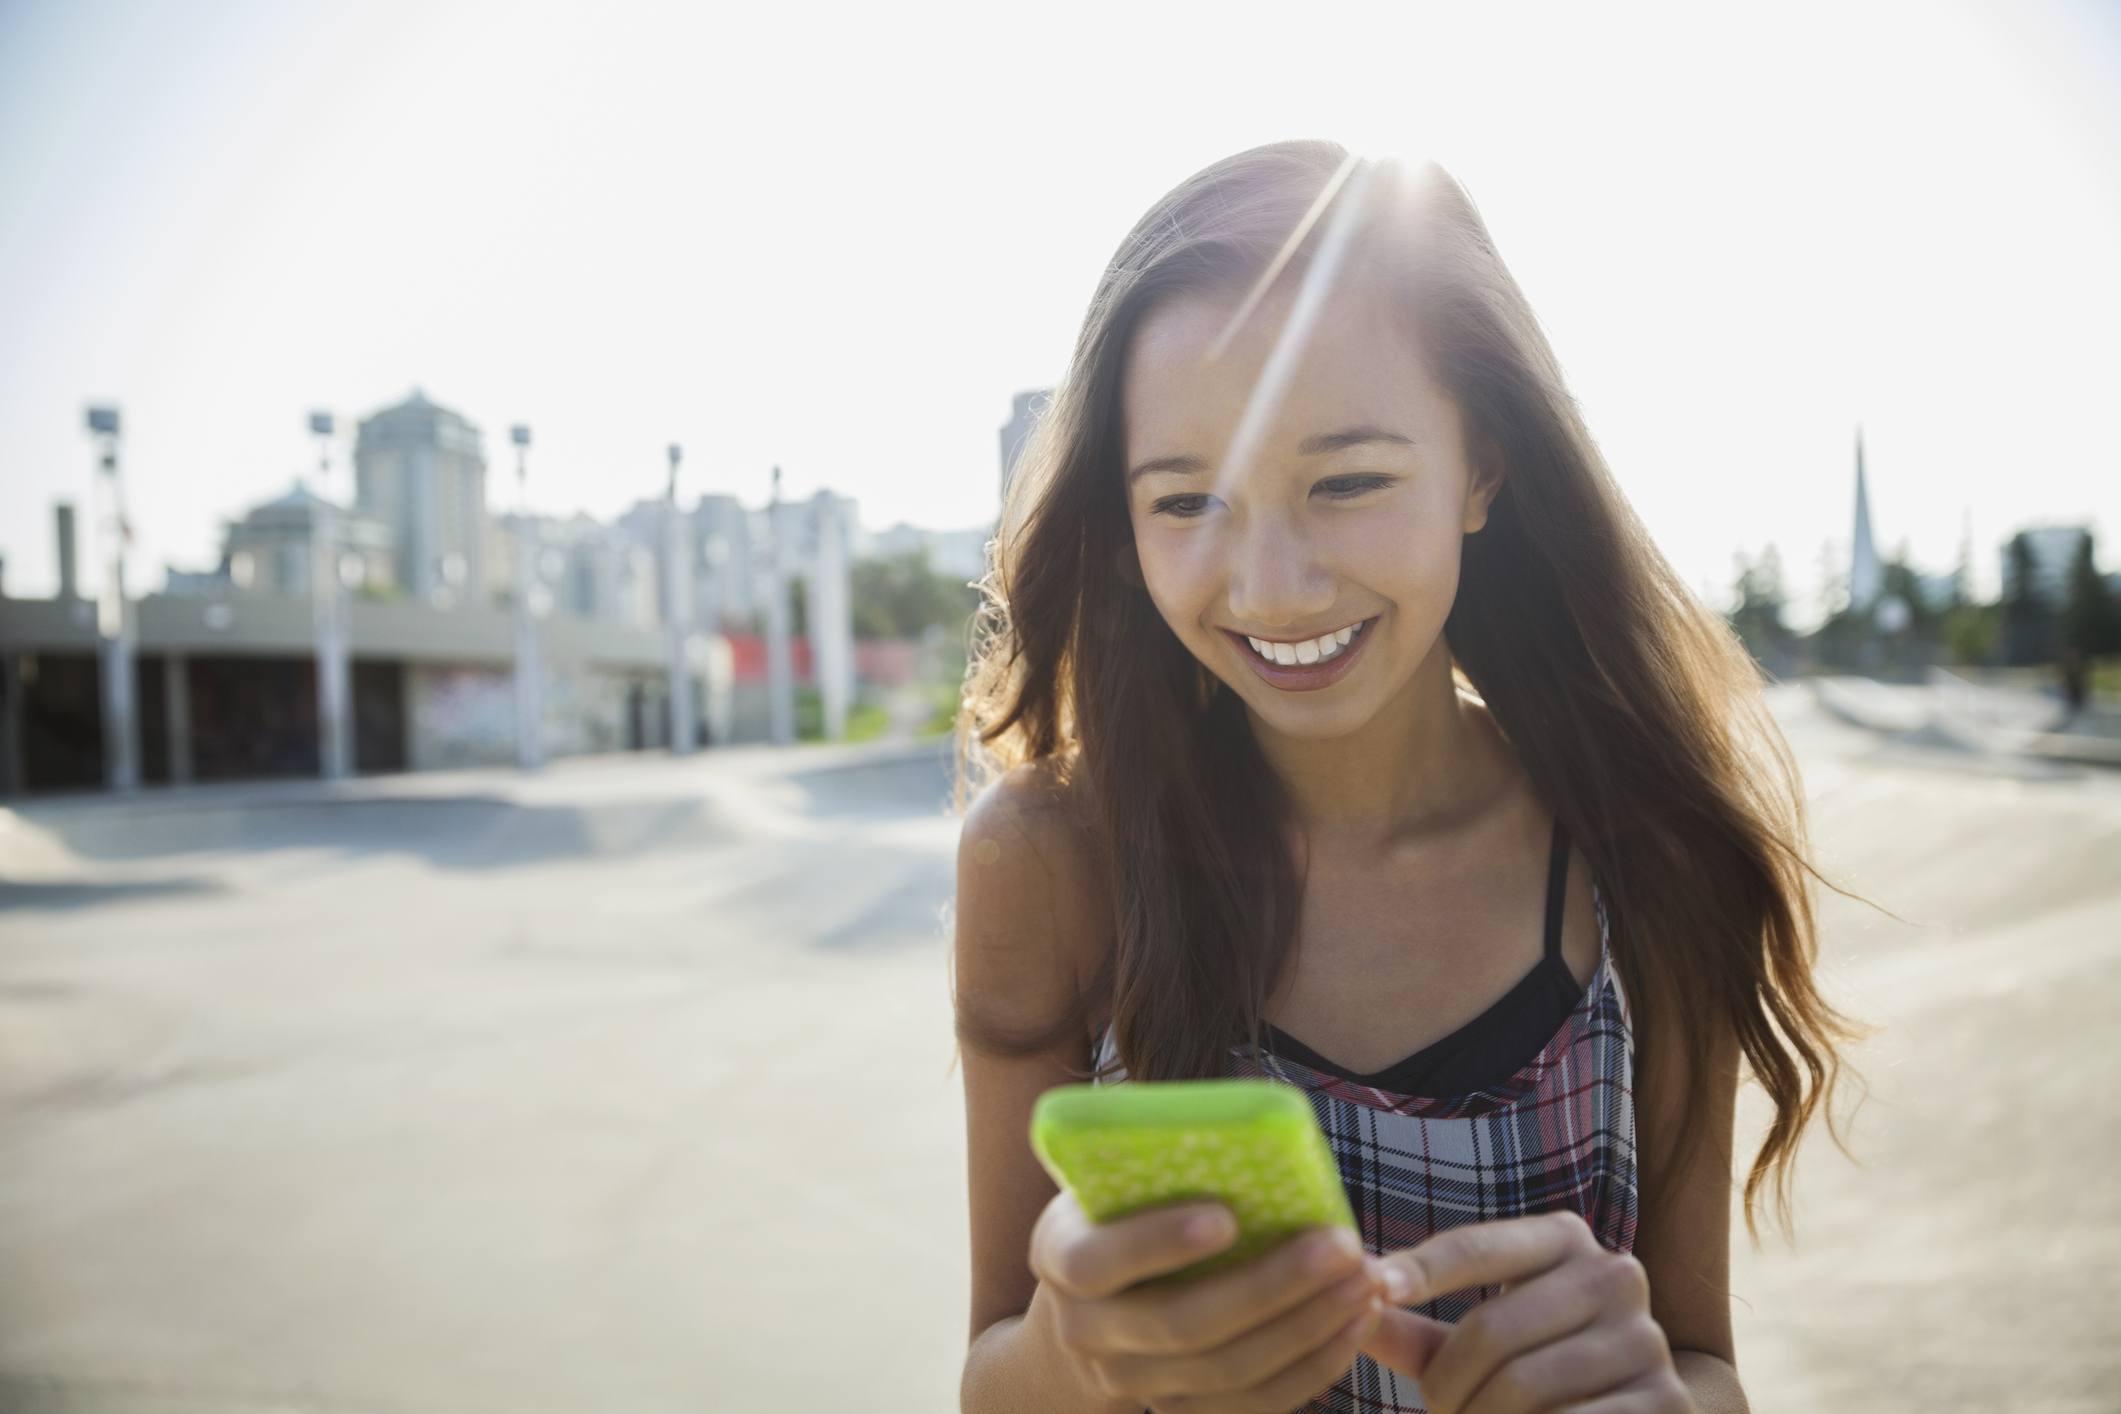 Teenage girl on her smart phone